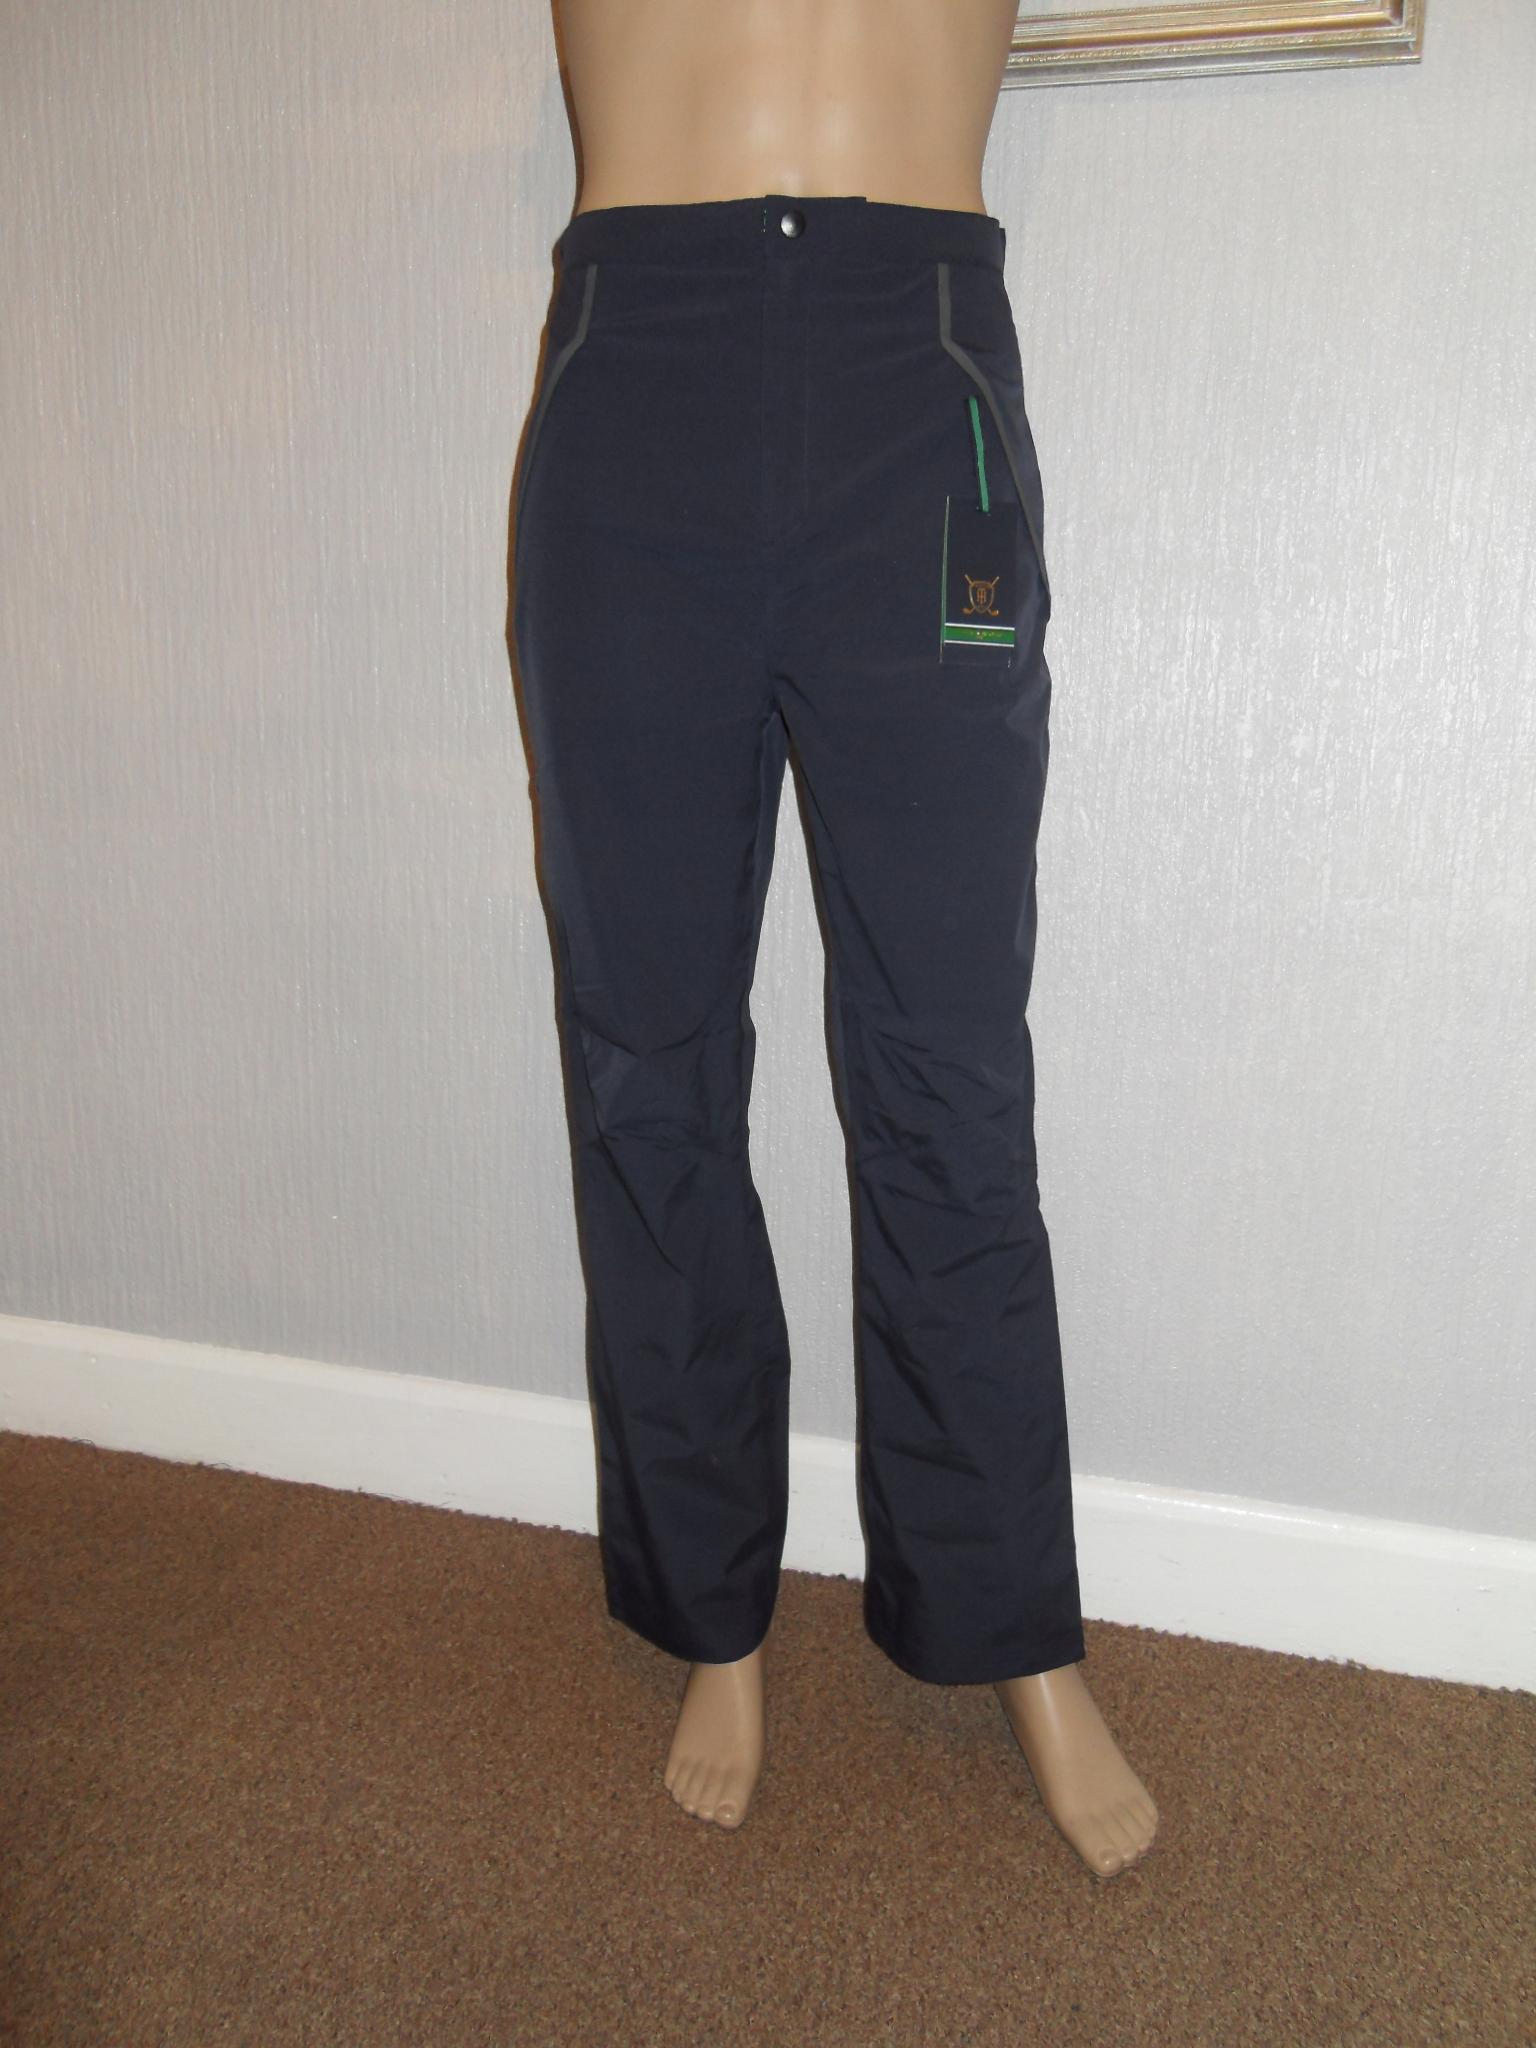 Tommy Hilfiger Golf spodnie męskie r.S 80-82cm pas